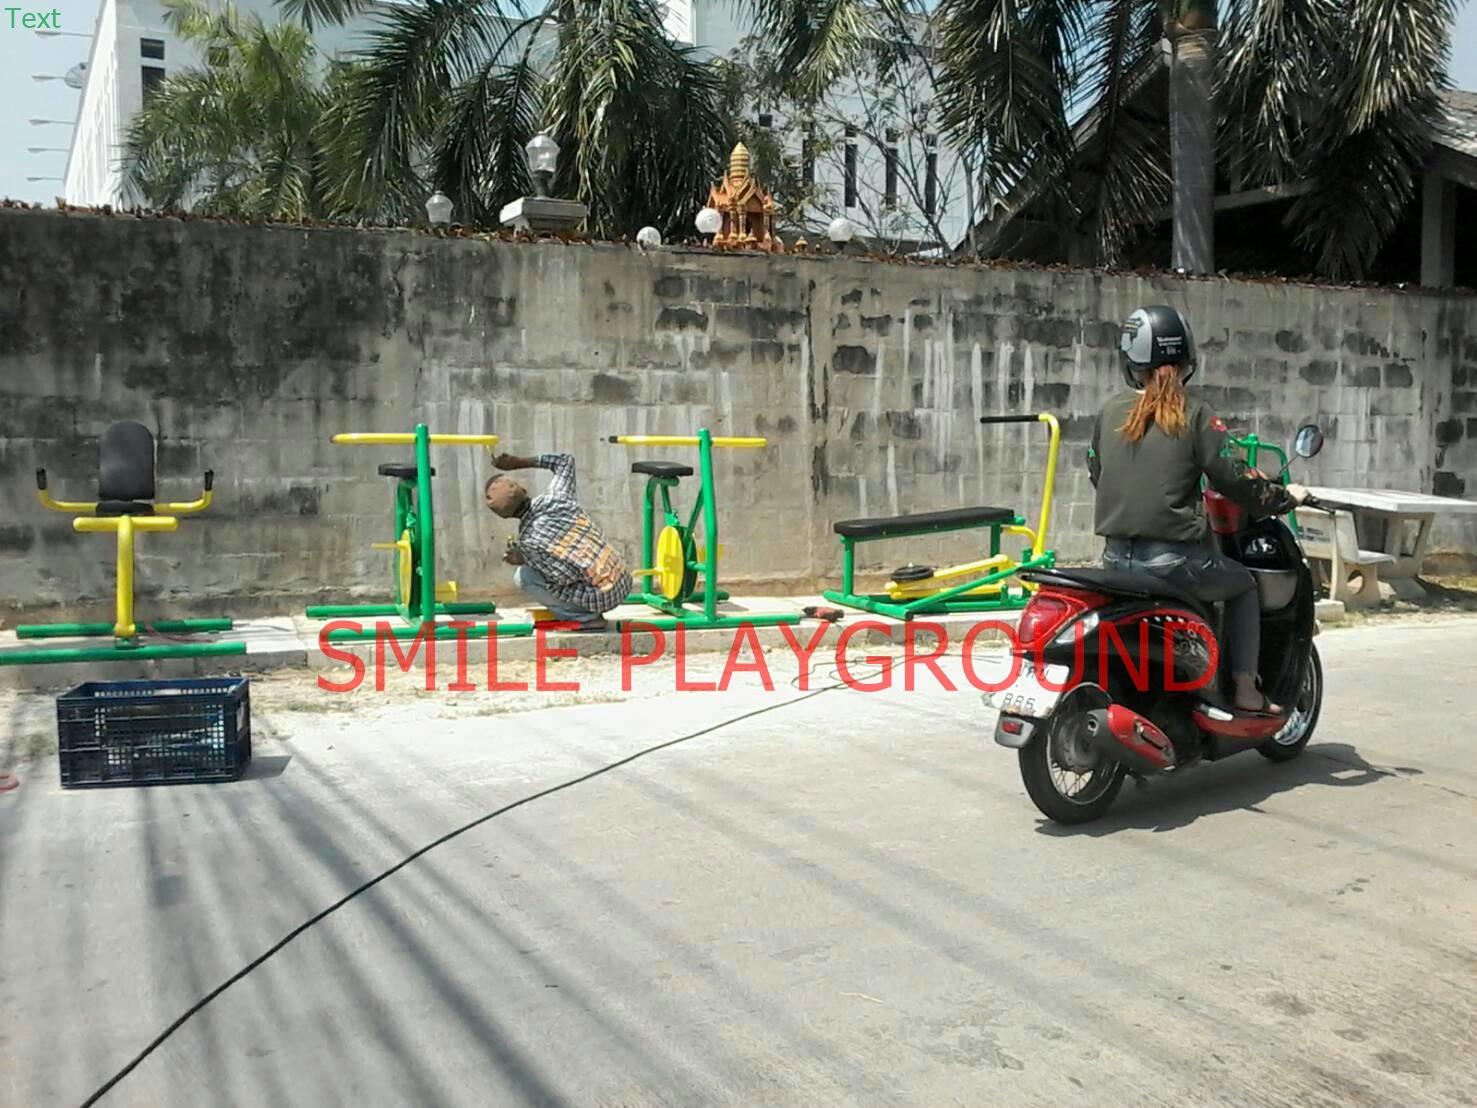 ลานกีฬาหมู่บ้าน ต.เวียงคอย อ.เมือง จังหวัดเพชรบุรี